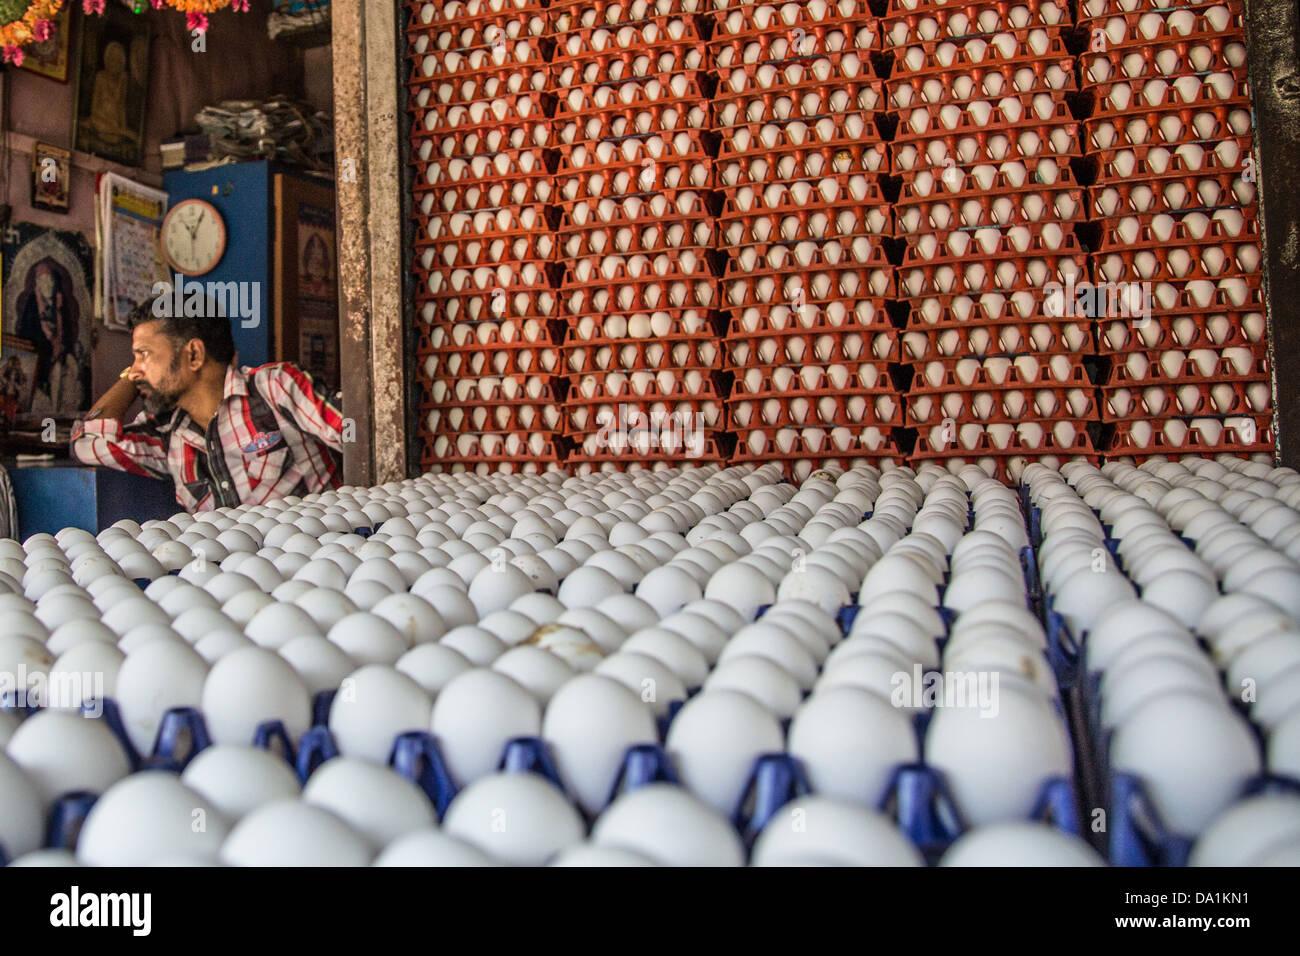 Fornitore di uovo, Mercato Crawford, Mumbai, India Immagini Stock